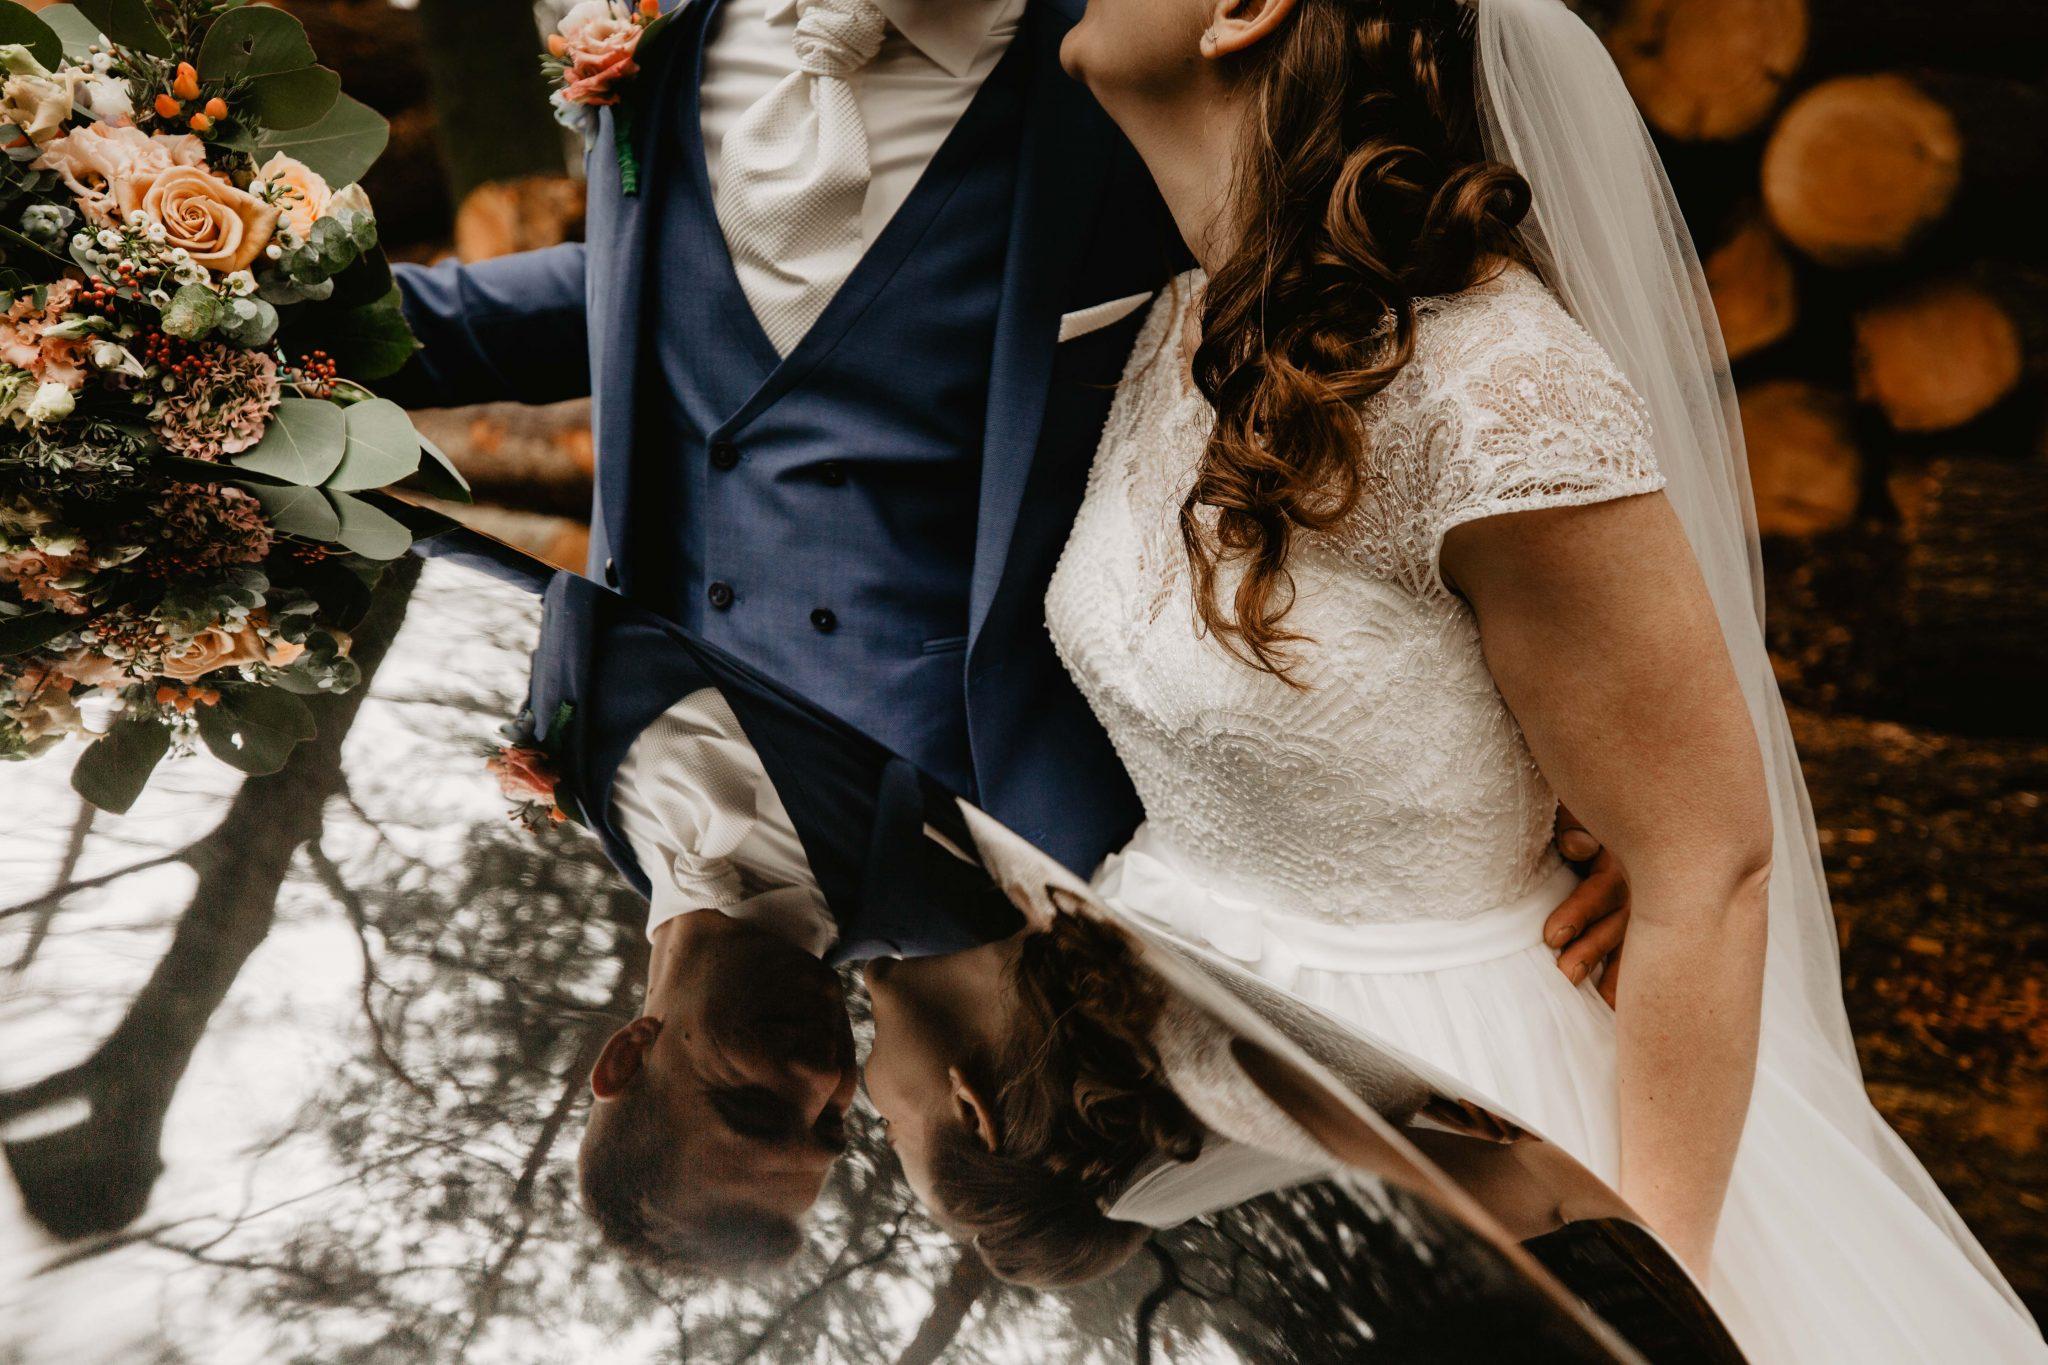 Bruidspaar tijdens fotoreportage bruiloft bij trouwauto